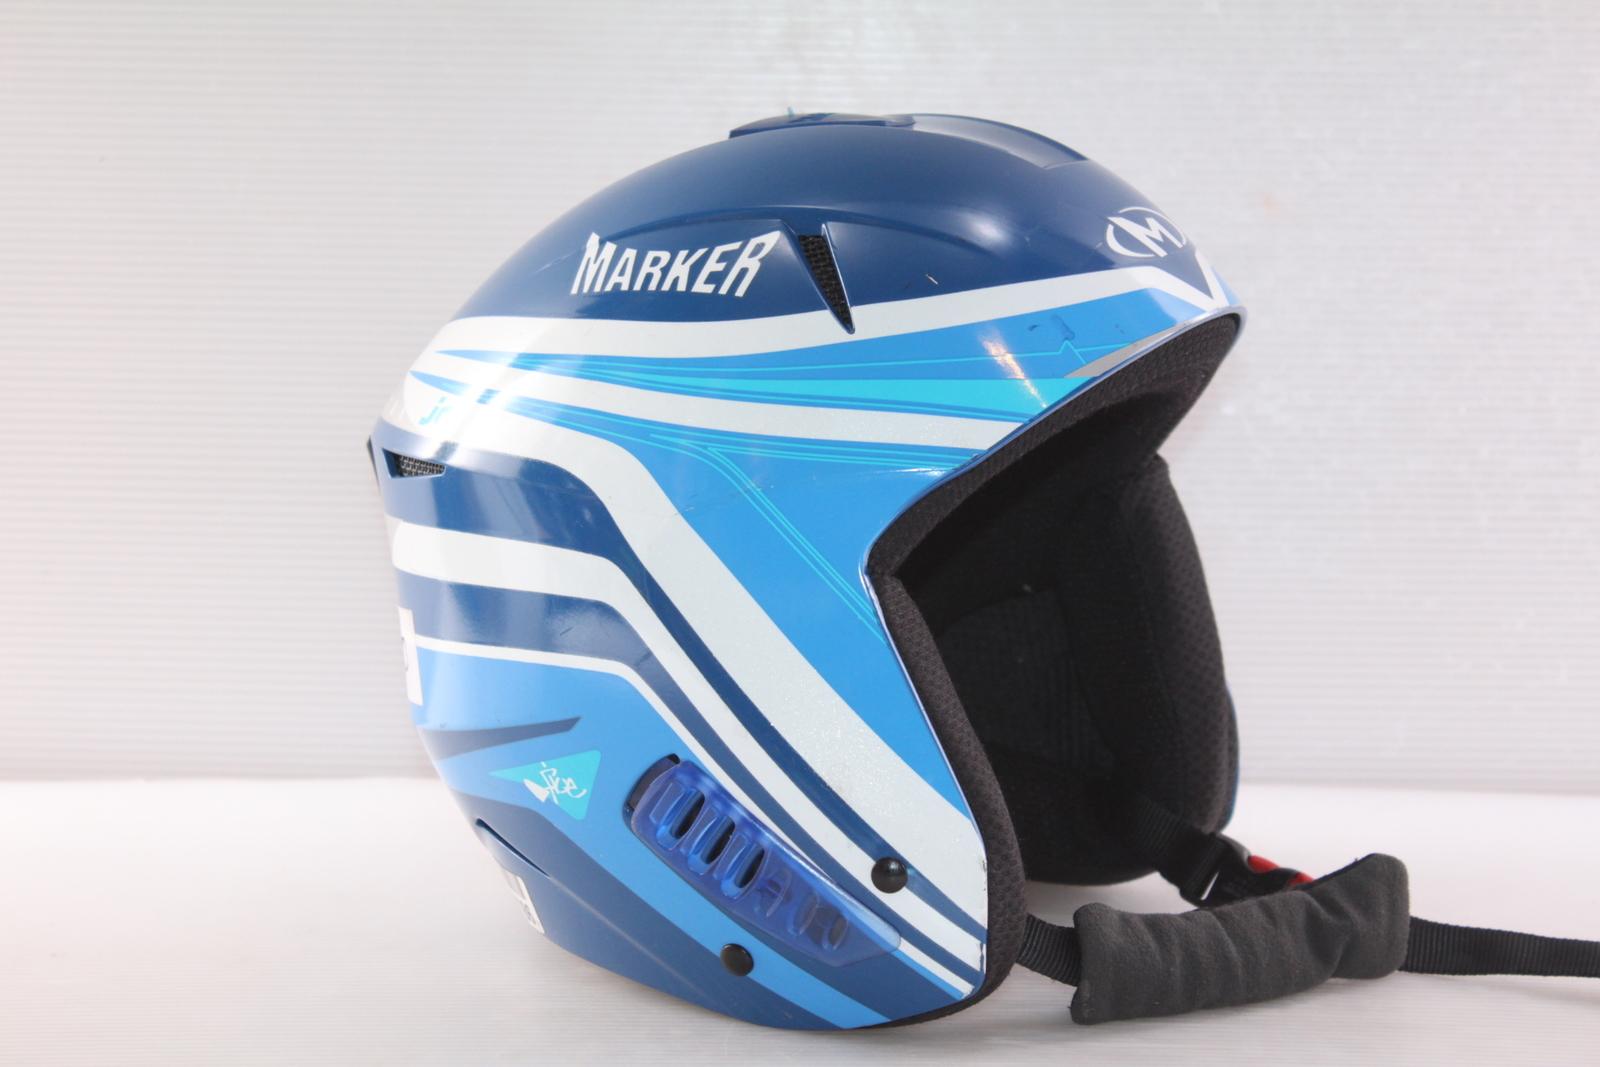 Dětská lyžařská helma Marker Cheetah JR vel. 54